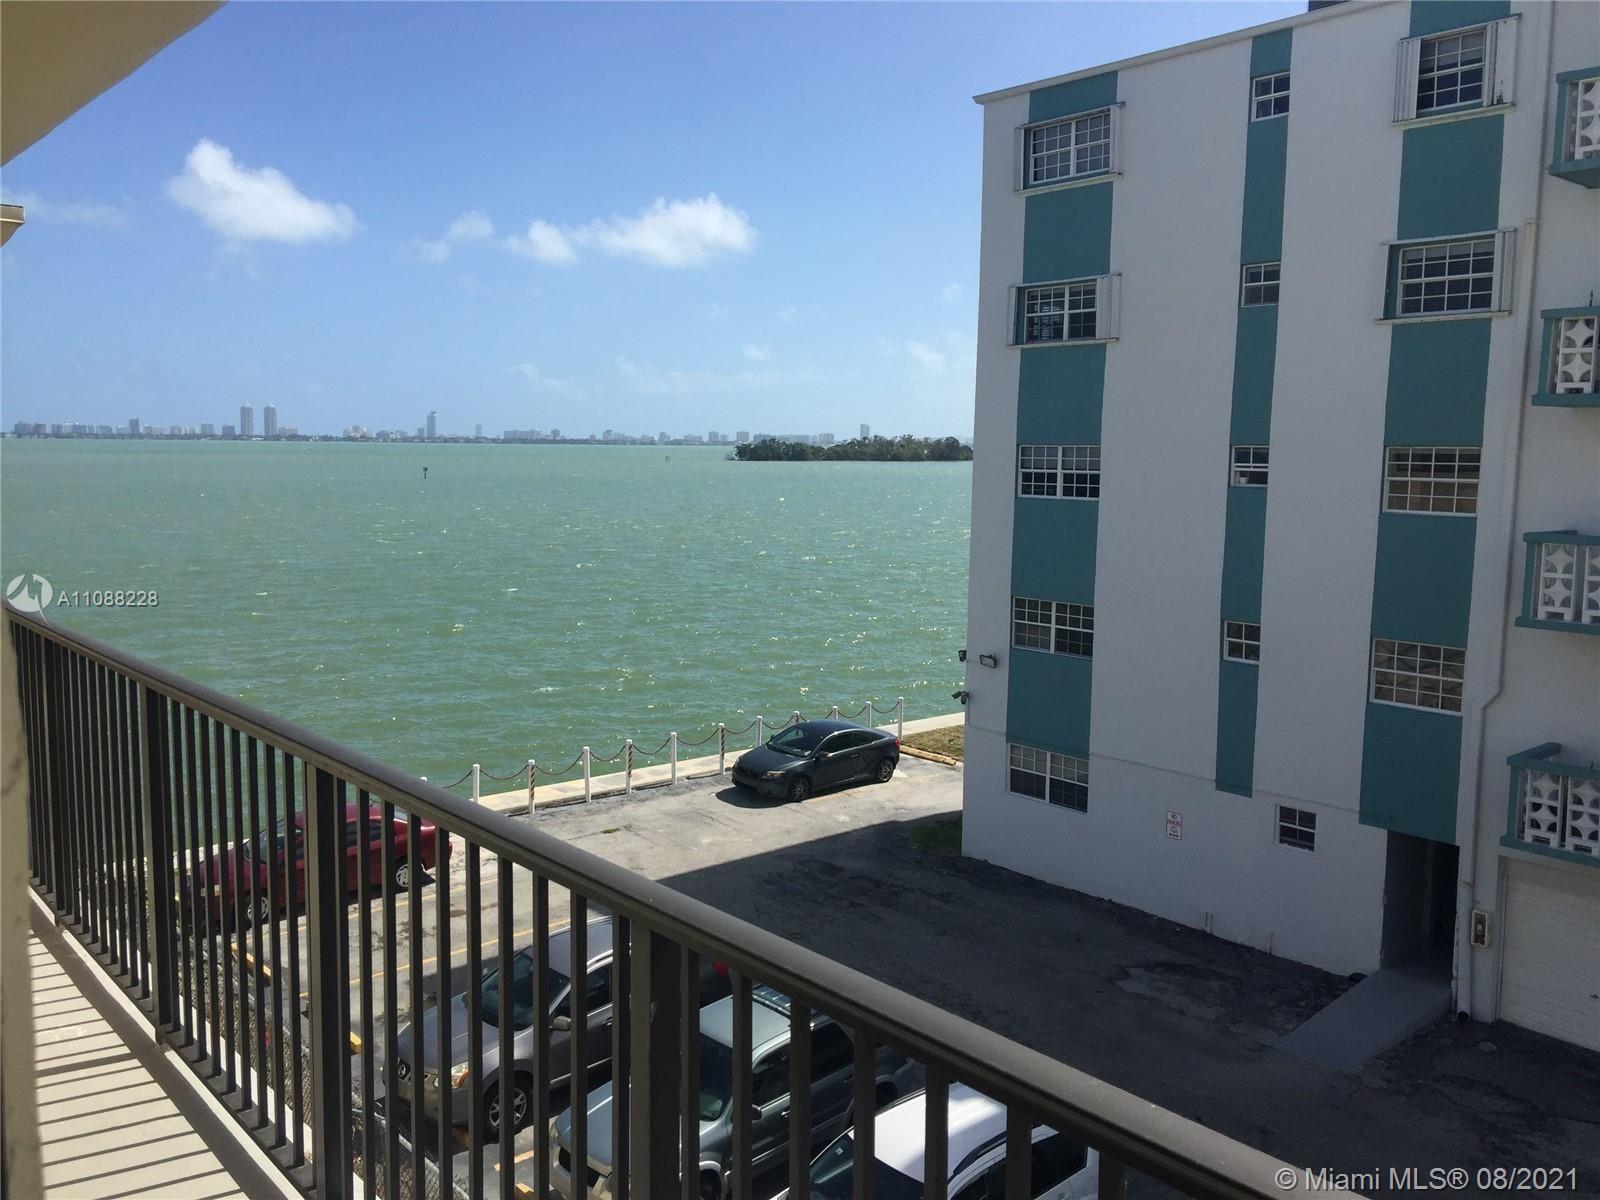 7845 NE Bayshore Ct #20, Miami, FL 33138 - #: A11088228